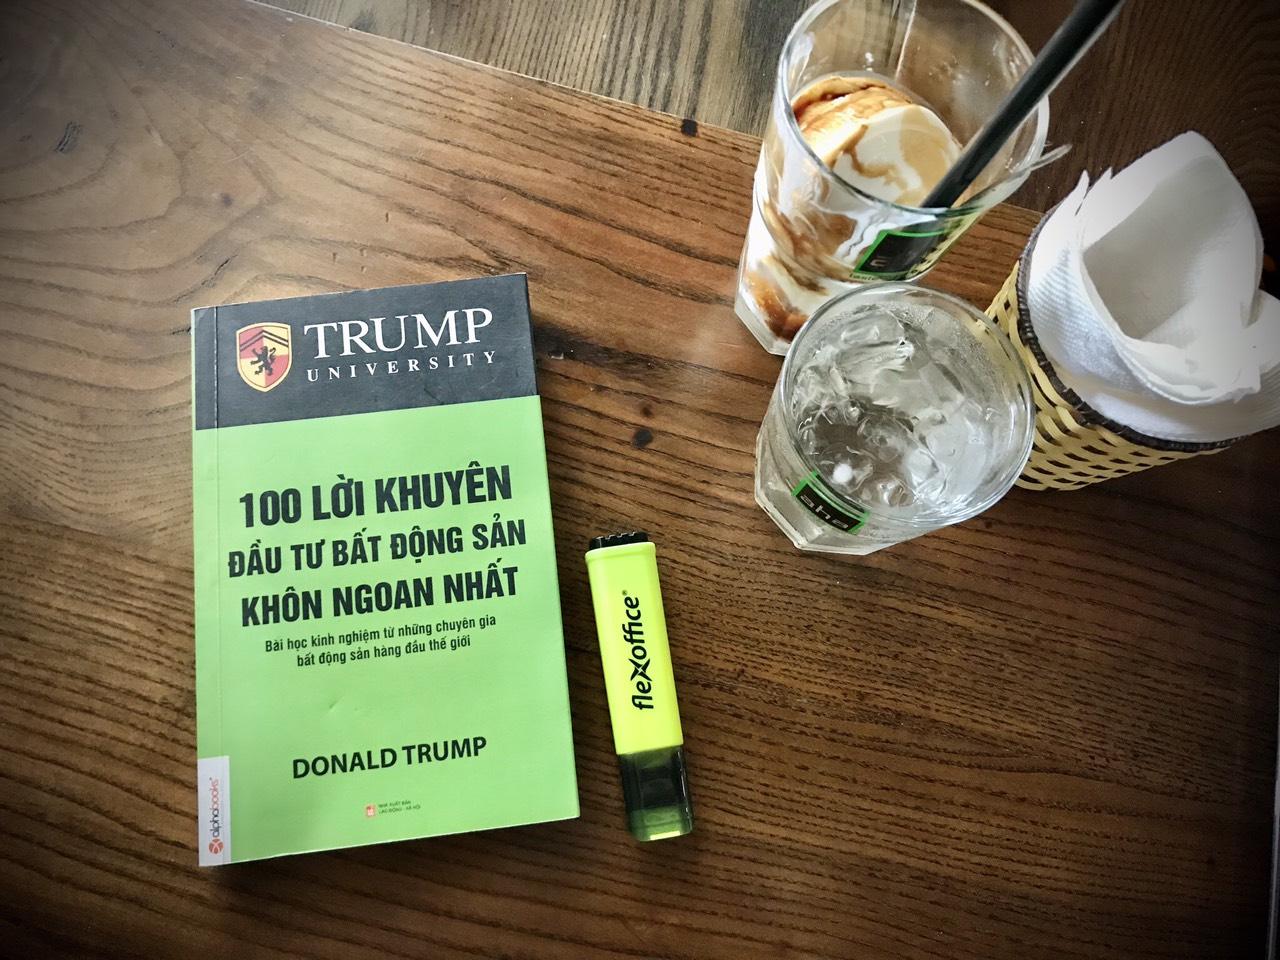 100 lời khuyên bất động sản khôn ngoan nhất 4 - Tác giả Donald Trump